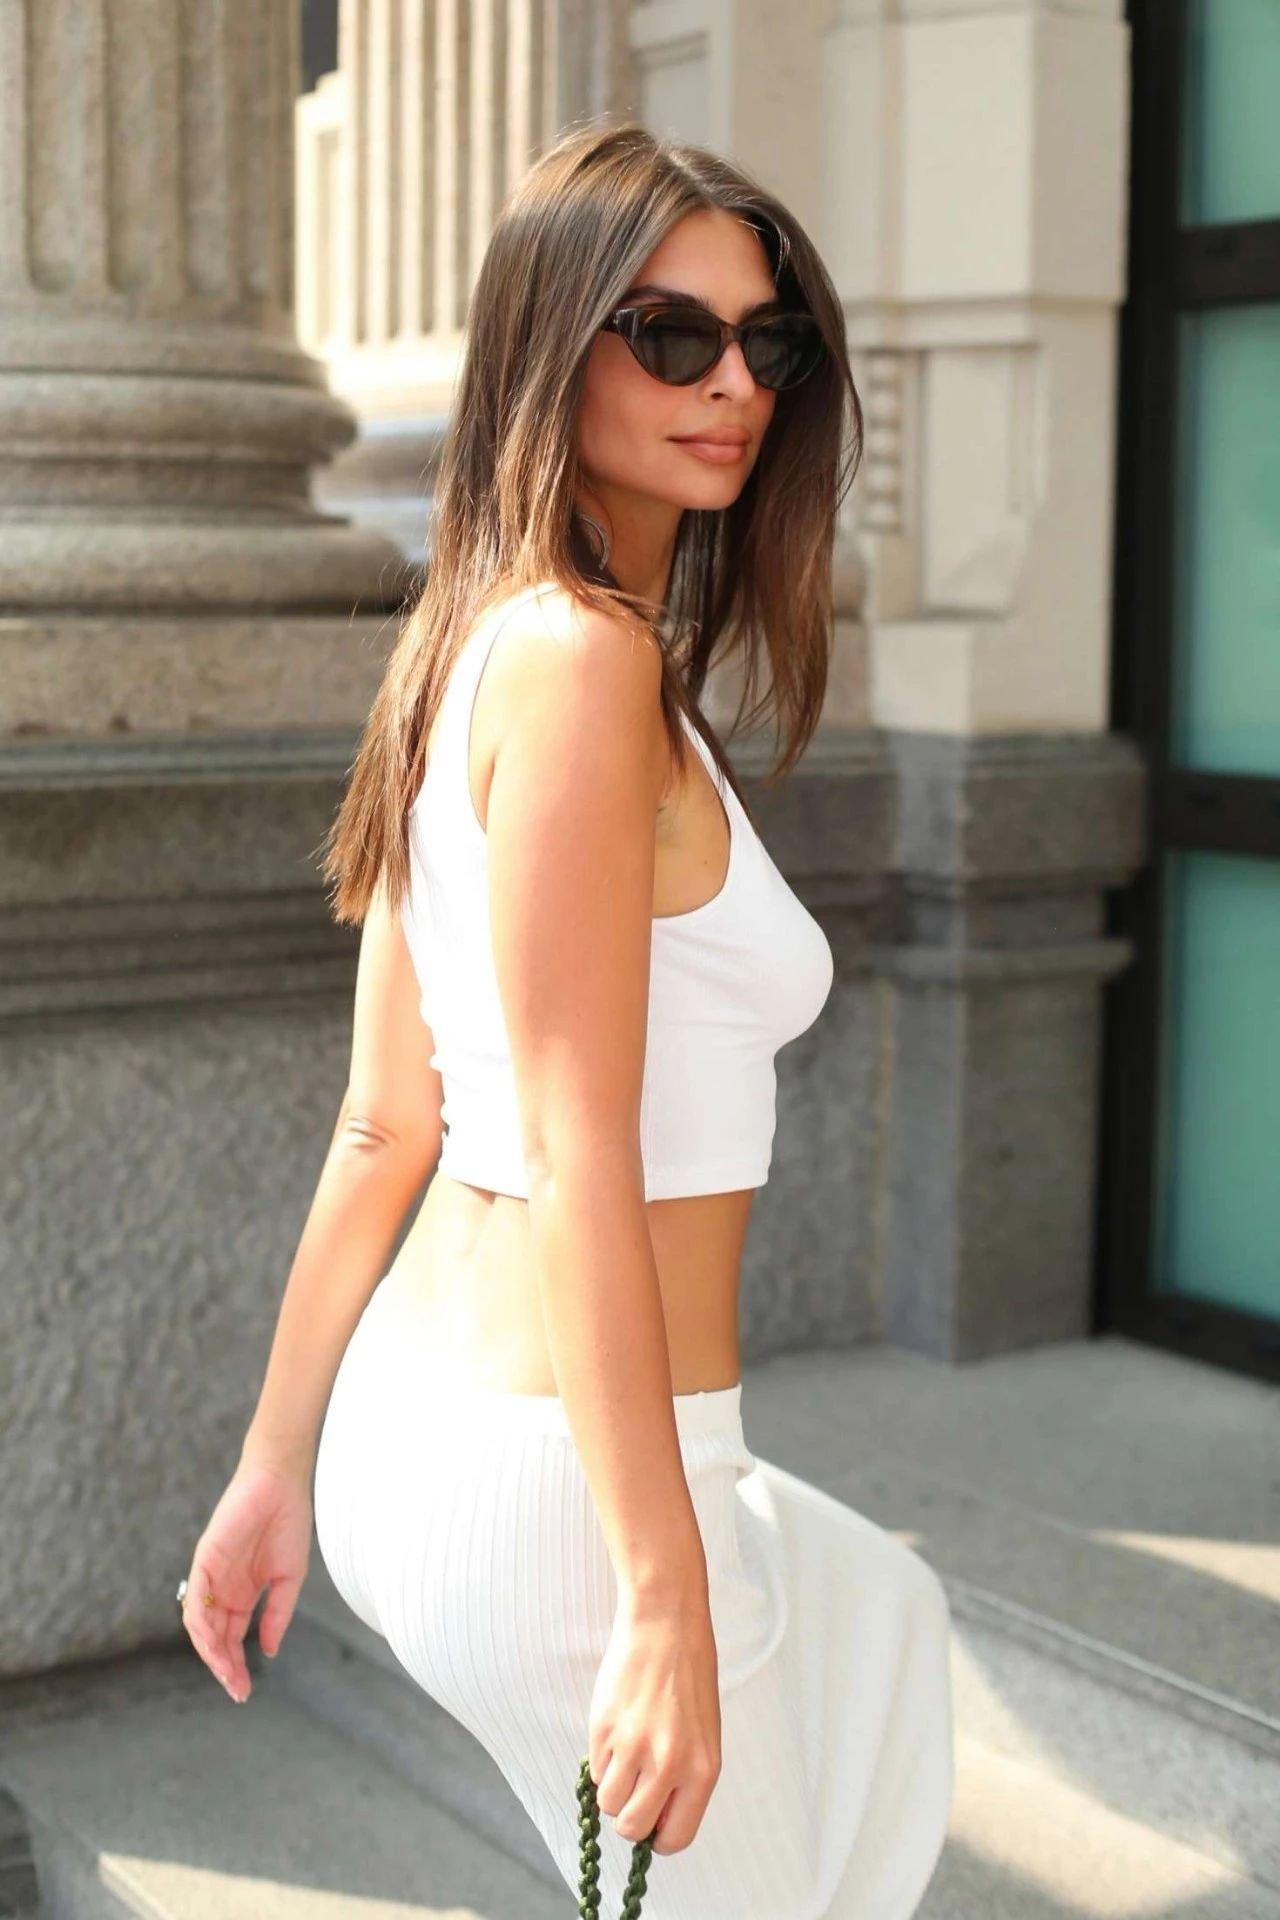 被称为是世界上最不适合穿衣服的女人!世界级别的美胸前三名艾米丽!